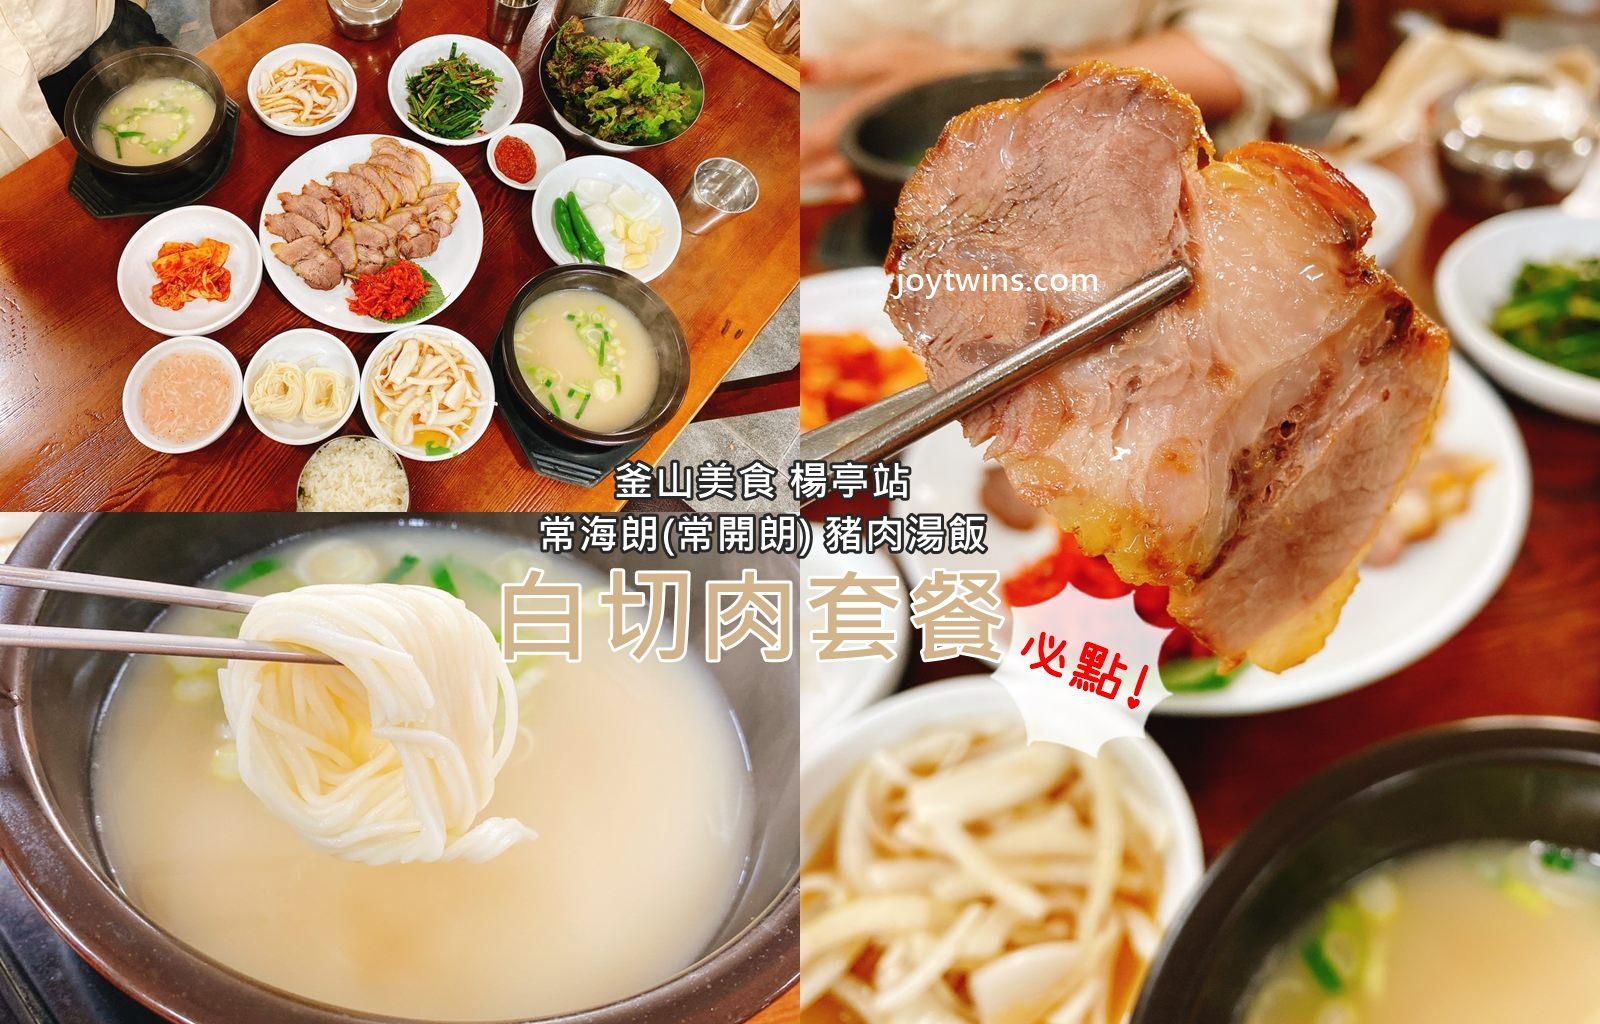 釜山美食 楊亭站 늘해랑 常海朗(常開朗) 豬肉湯飯 韓綜迷必吃수육백반 白切肉套餐 !釜山美食